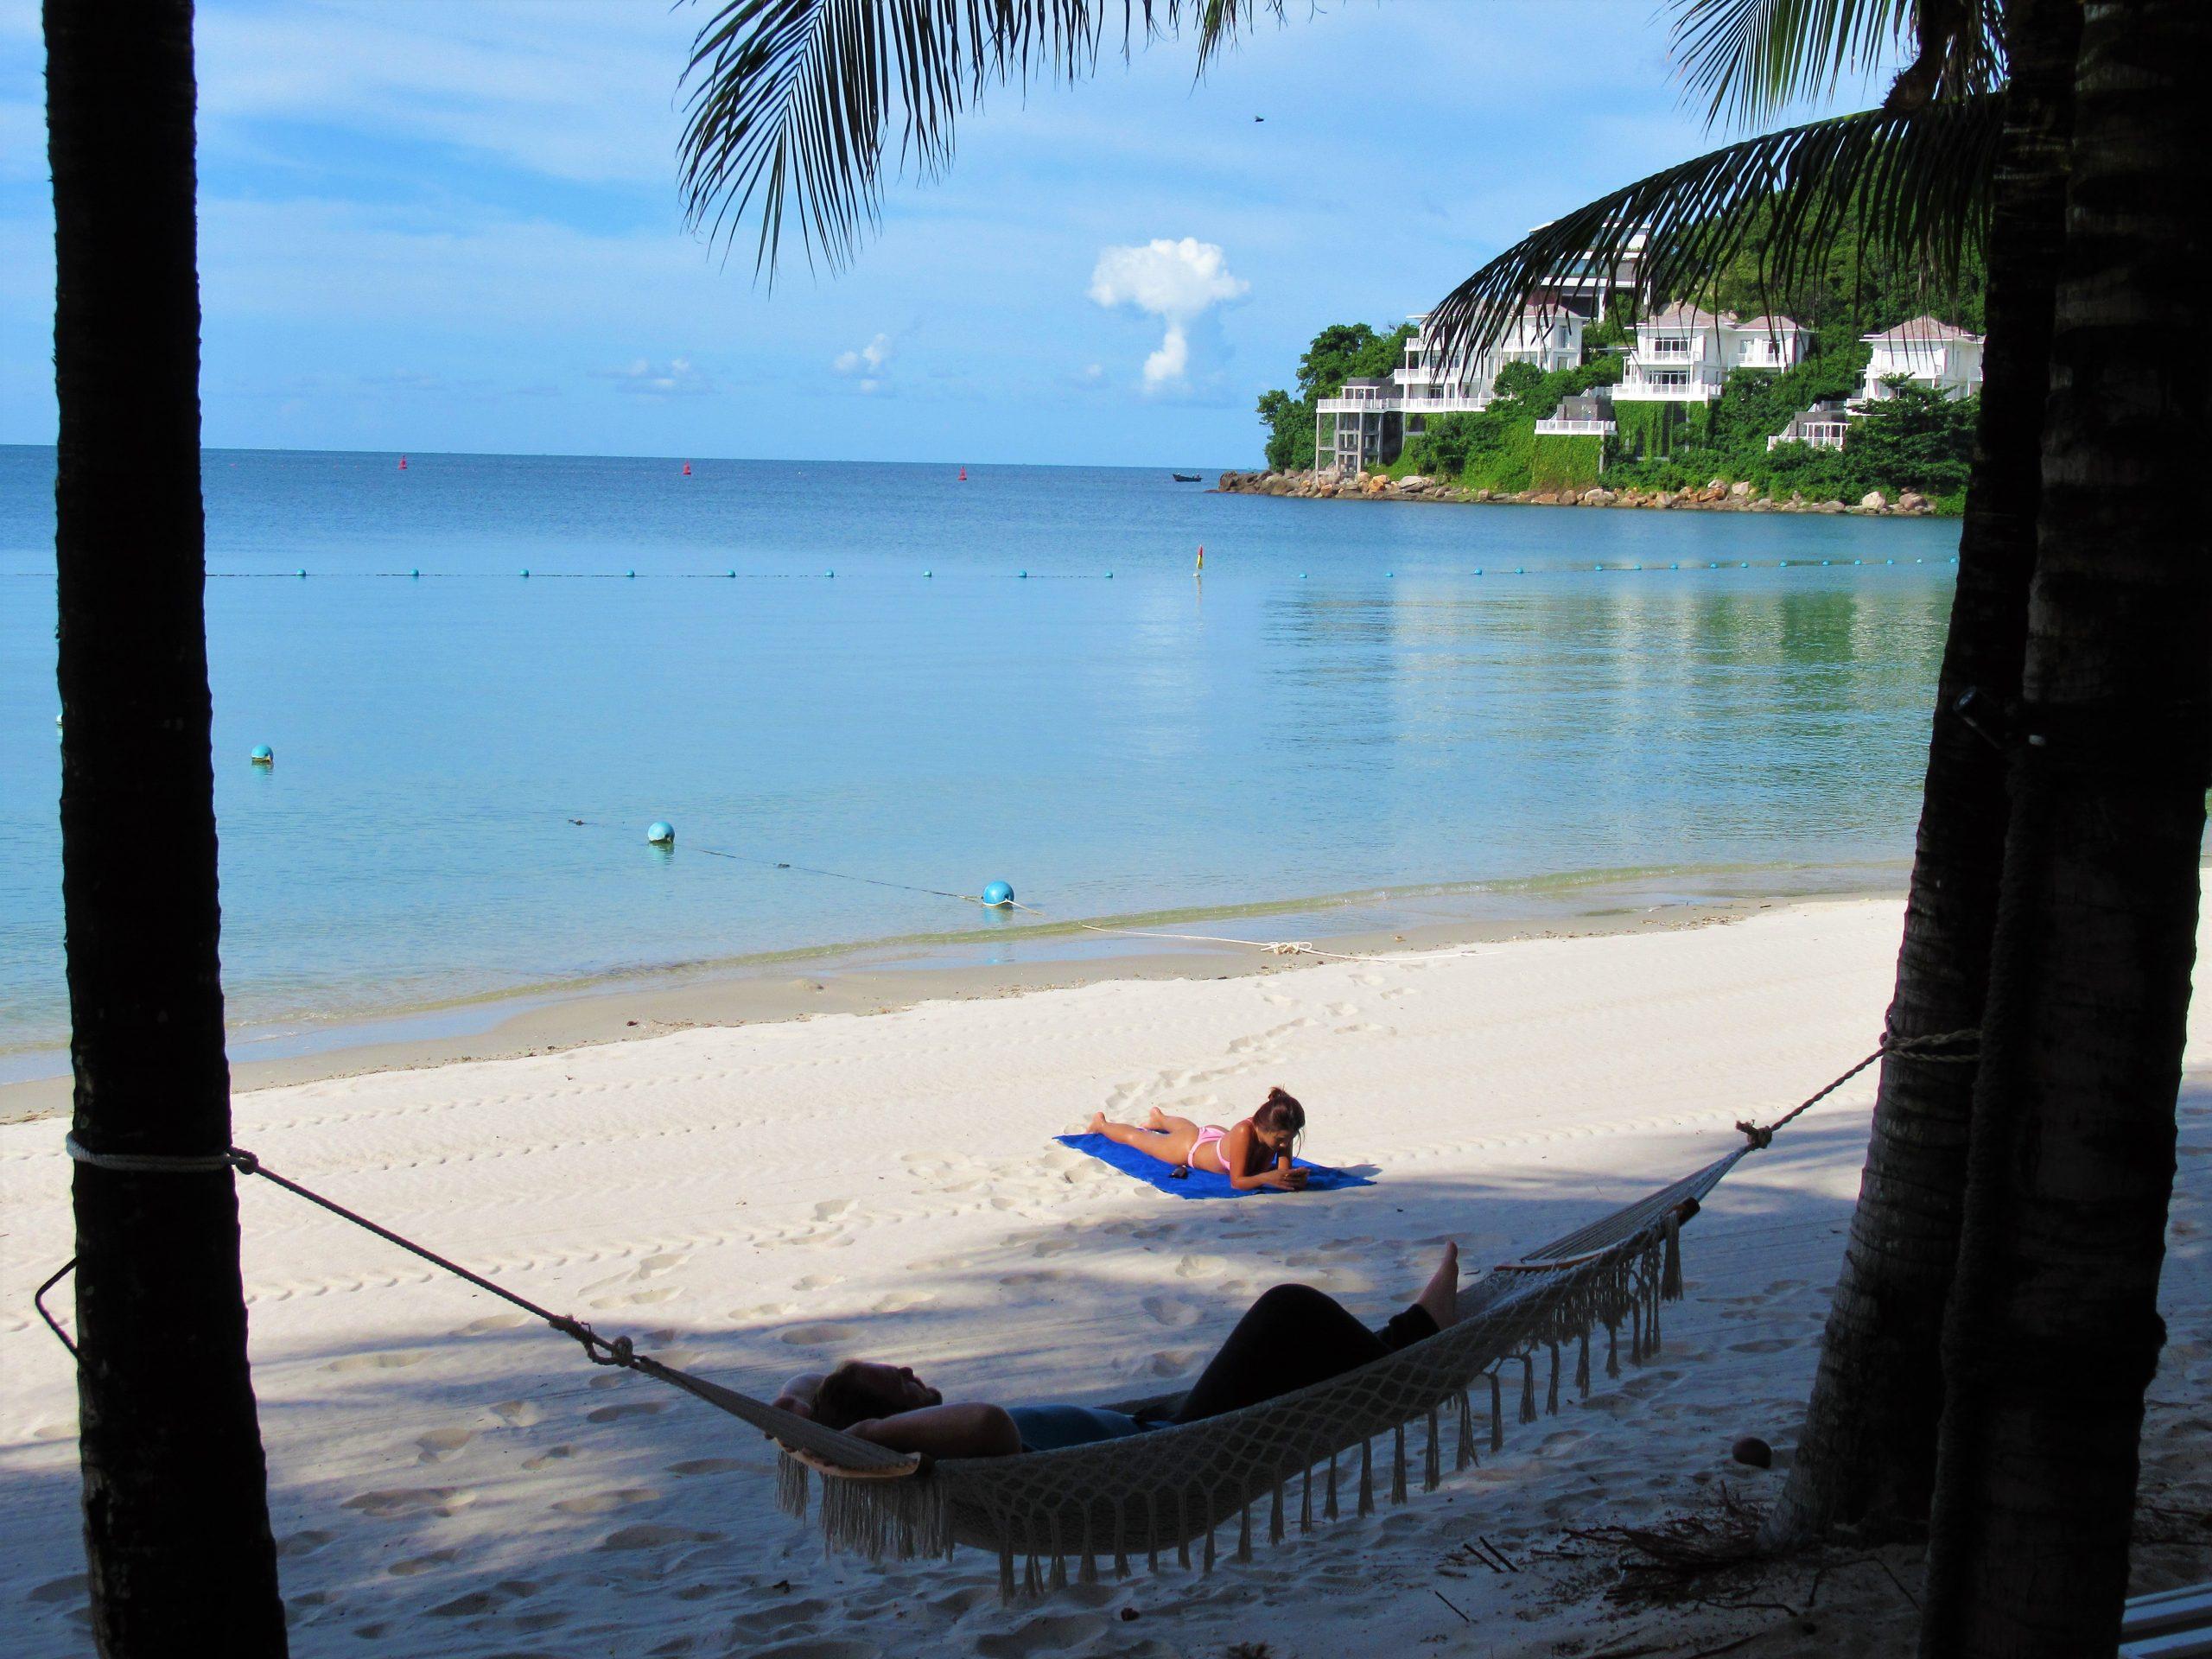 East beach at Premier Village Resort, Phu Quoc Island, Vietnam